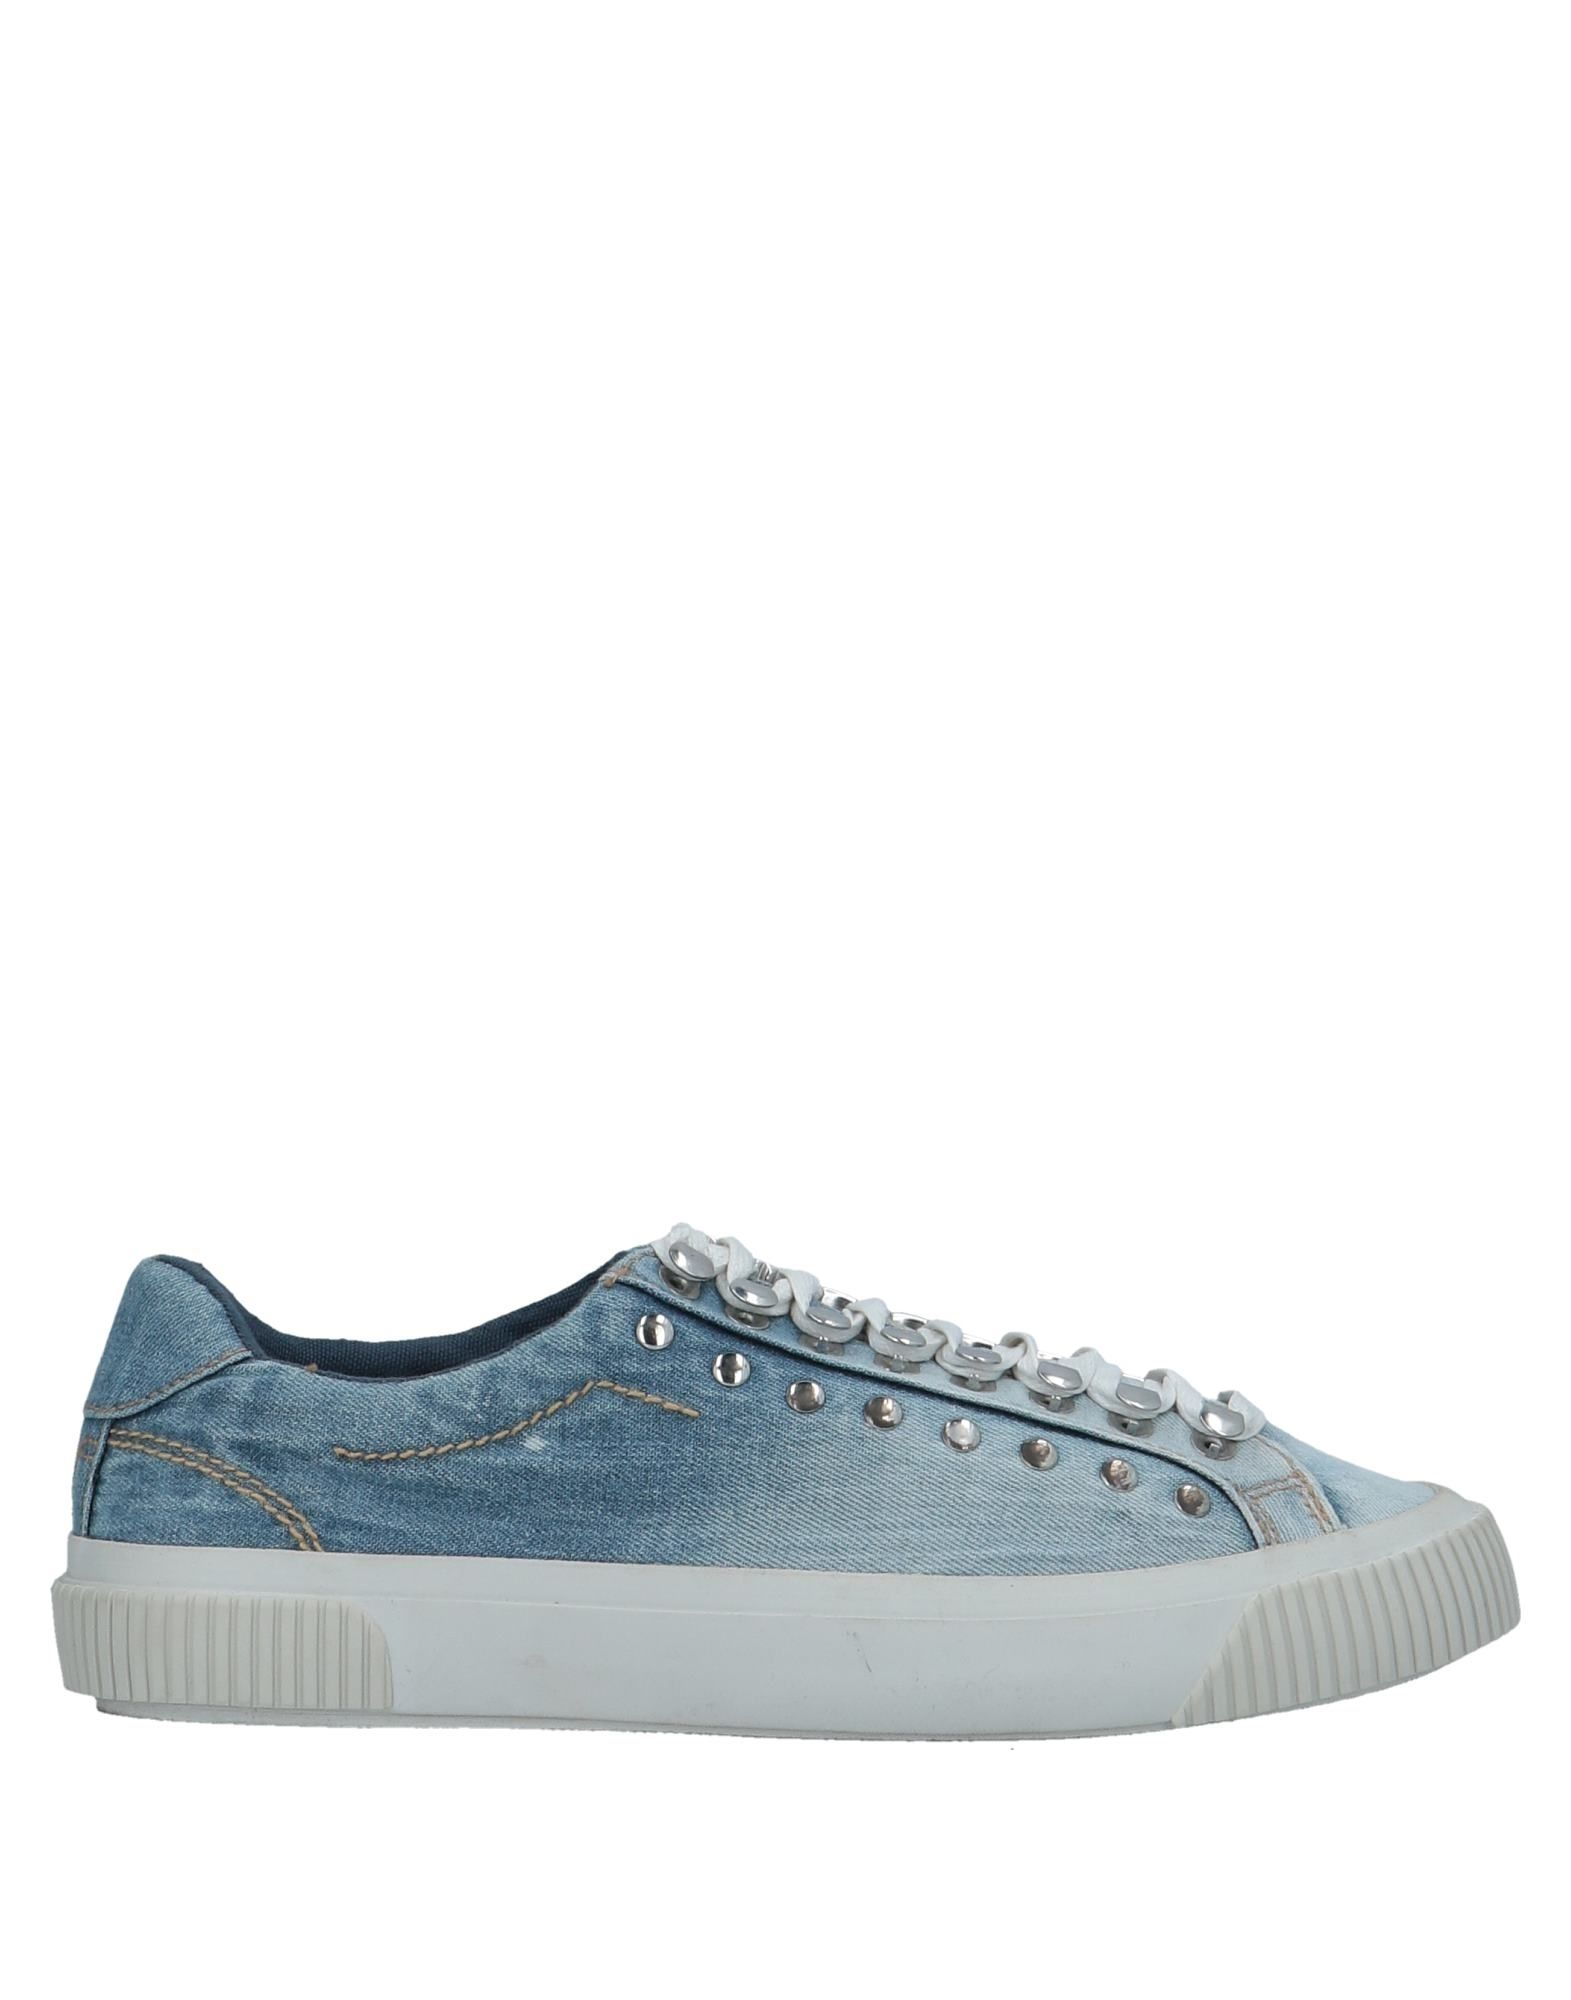 Sneakers Diesel Donna - 11535798EE Scarpe economiche e buone